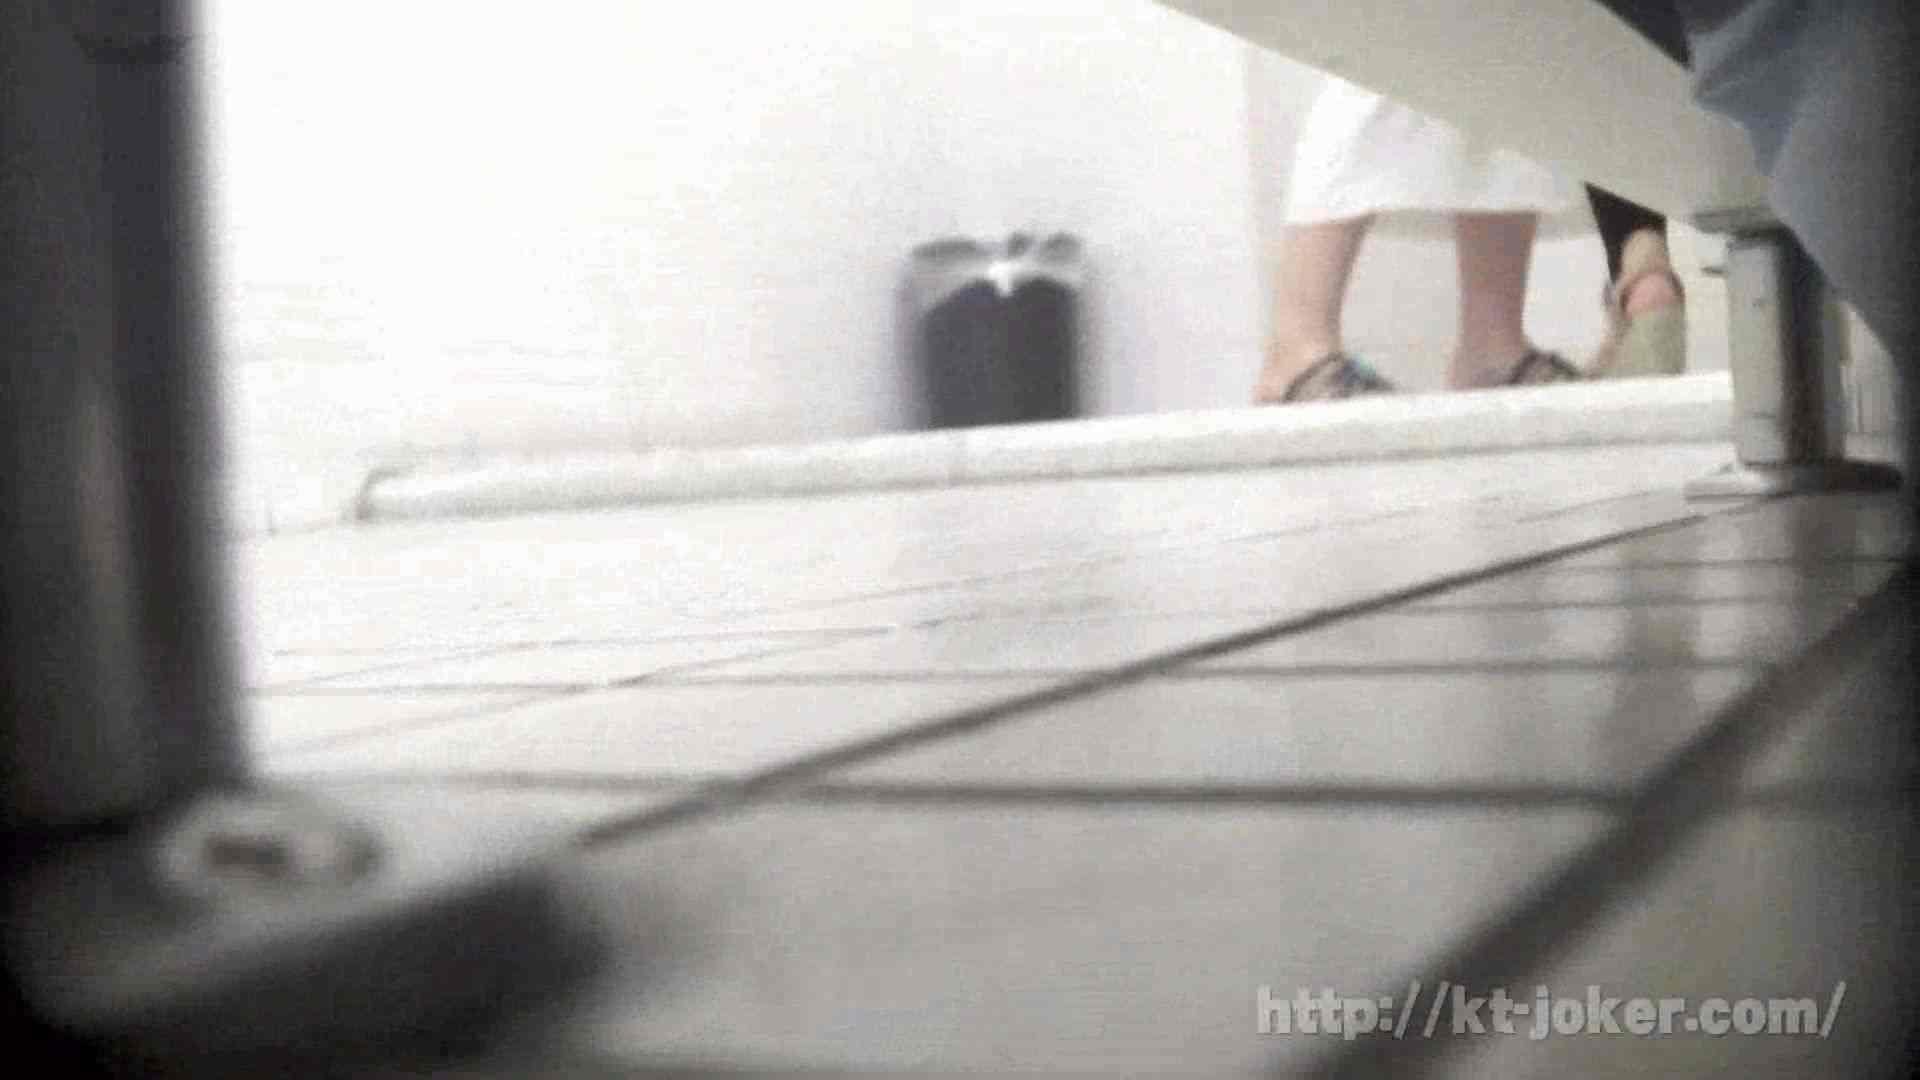 命がけ潜伏洗面所! vol.70 シリーズ一番エロい尻登場 洗面所 スケベ動画紹介 100PIX 35